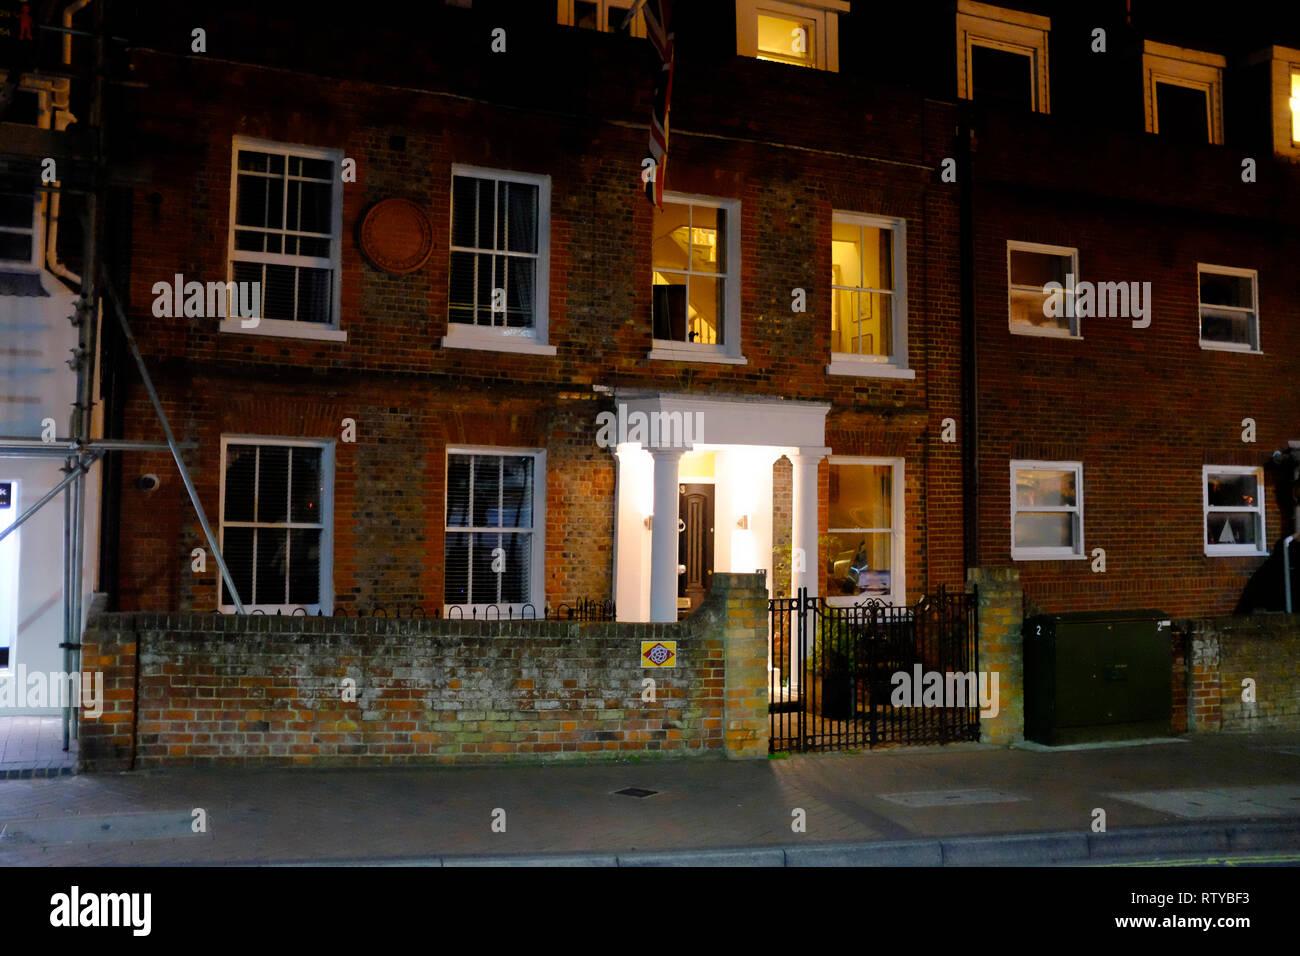 Westbourne House, né et vécu ici, Thomas, Arnold, Cowes, île de Wight, Angleterre, Royaume-Uni, Photo Stock